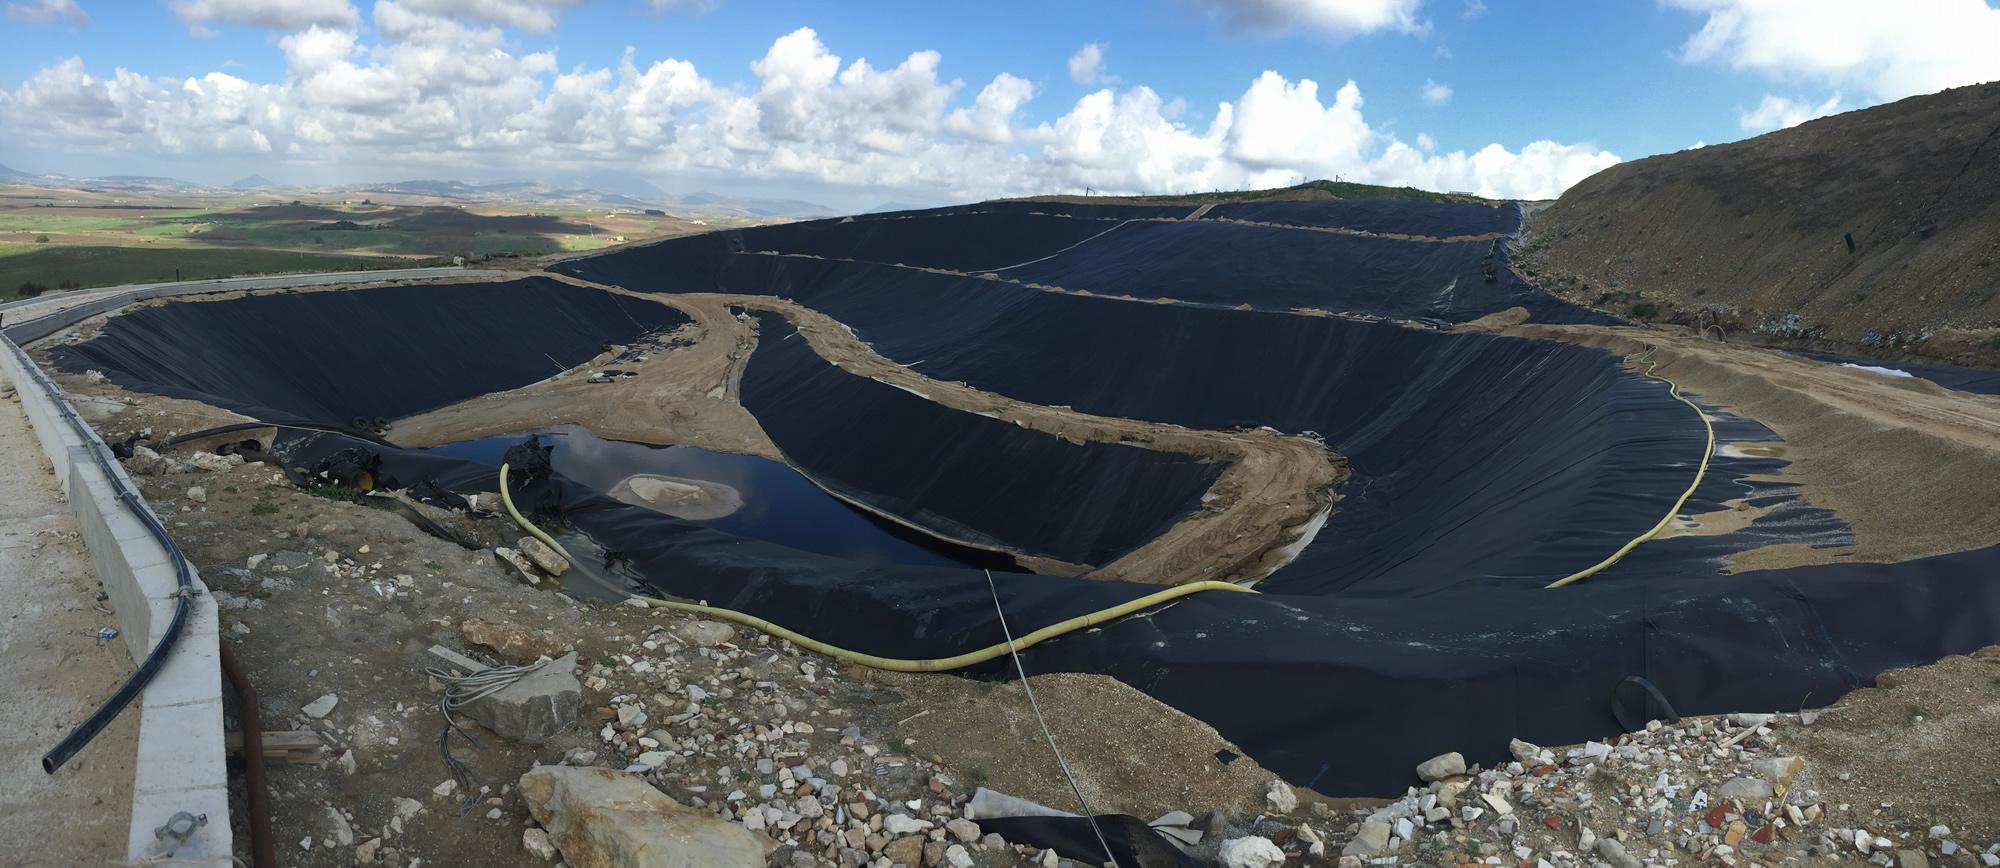 La discarica di Borranea chiude per saturazione, dove vanno i rifiuti?